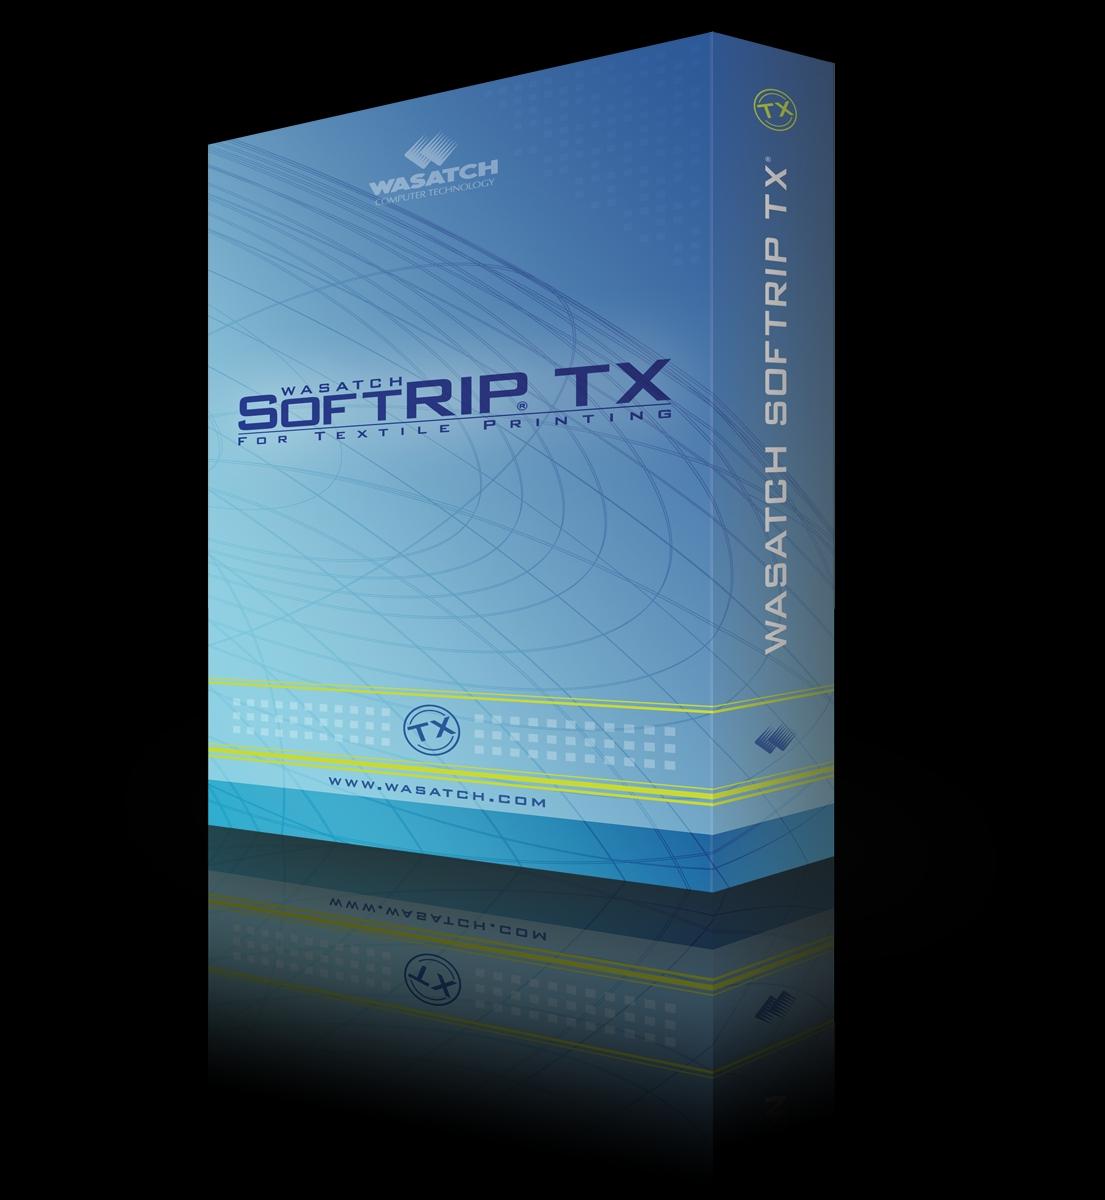 txBoxShot.jpg